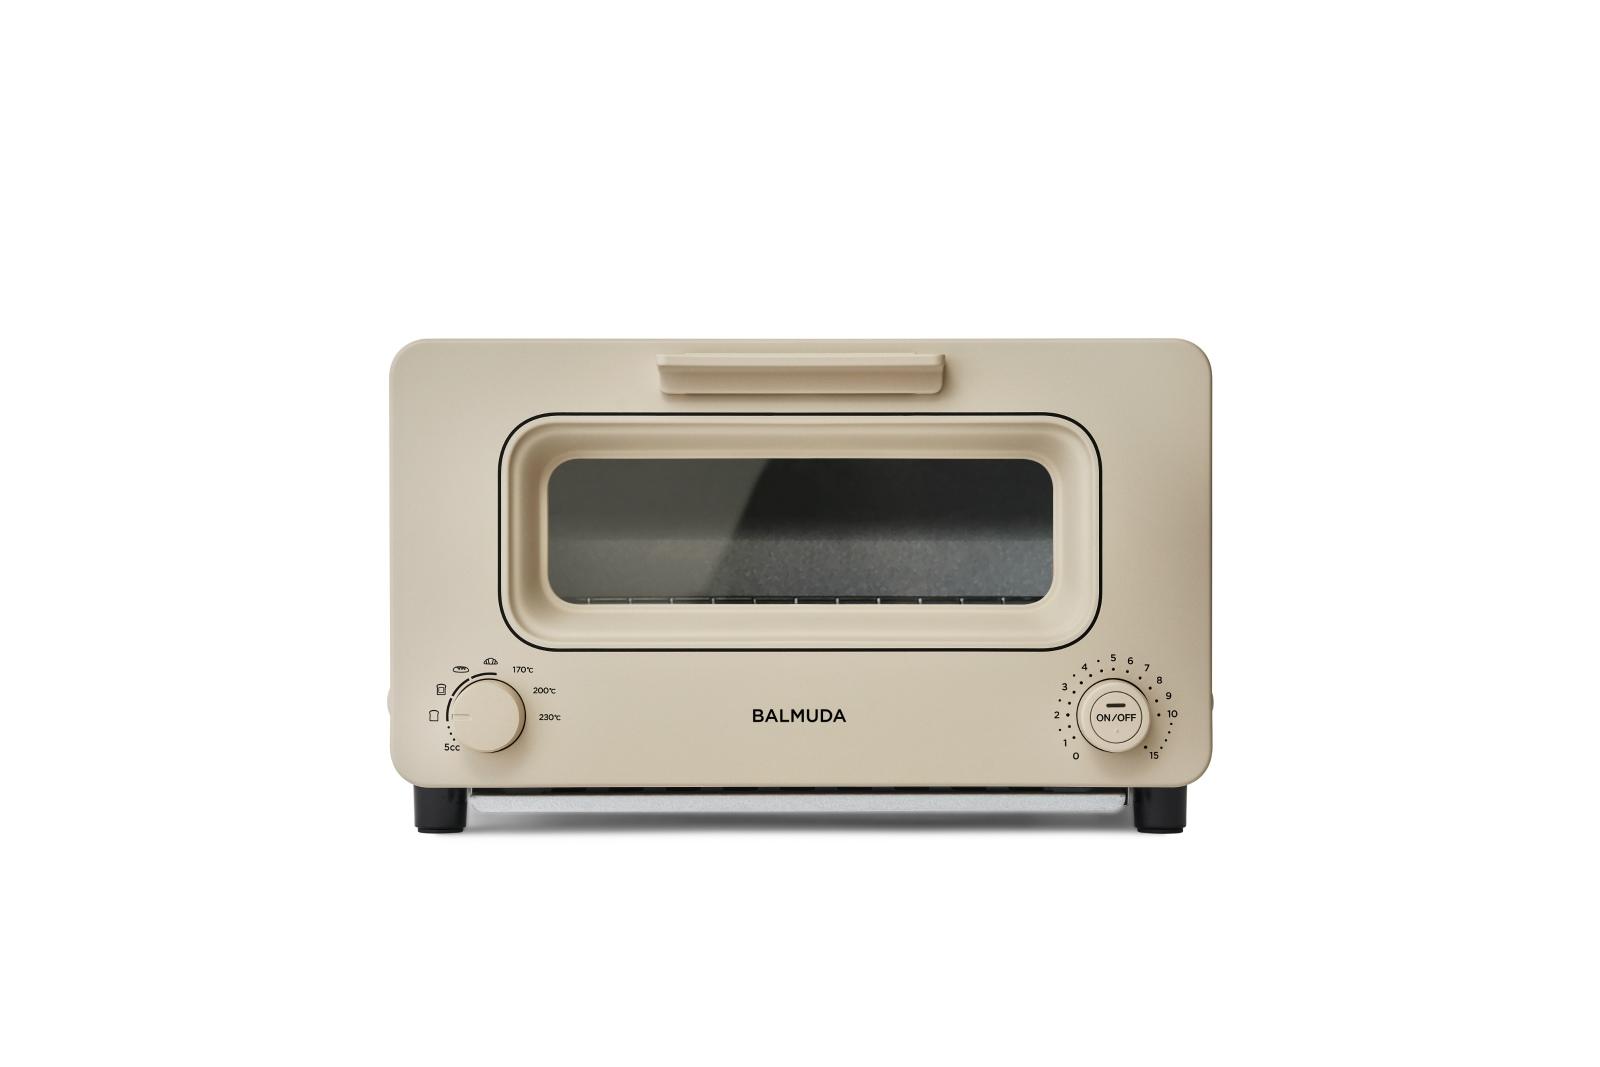 バルミューダが2020年9月に発売した「BALMUDA The Toaster K-05A」